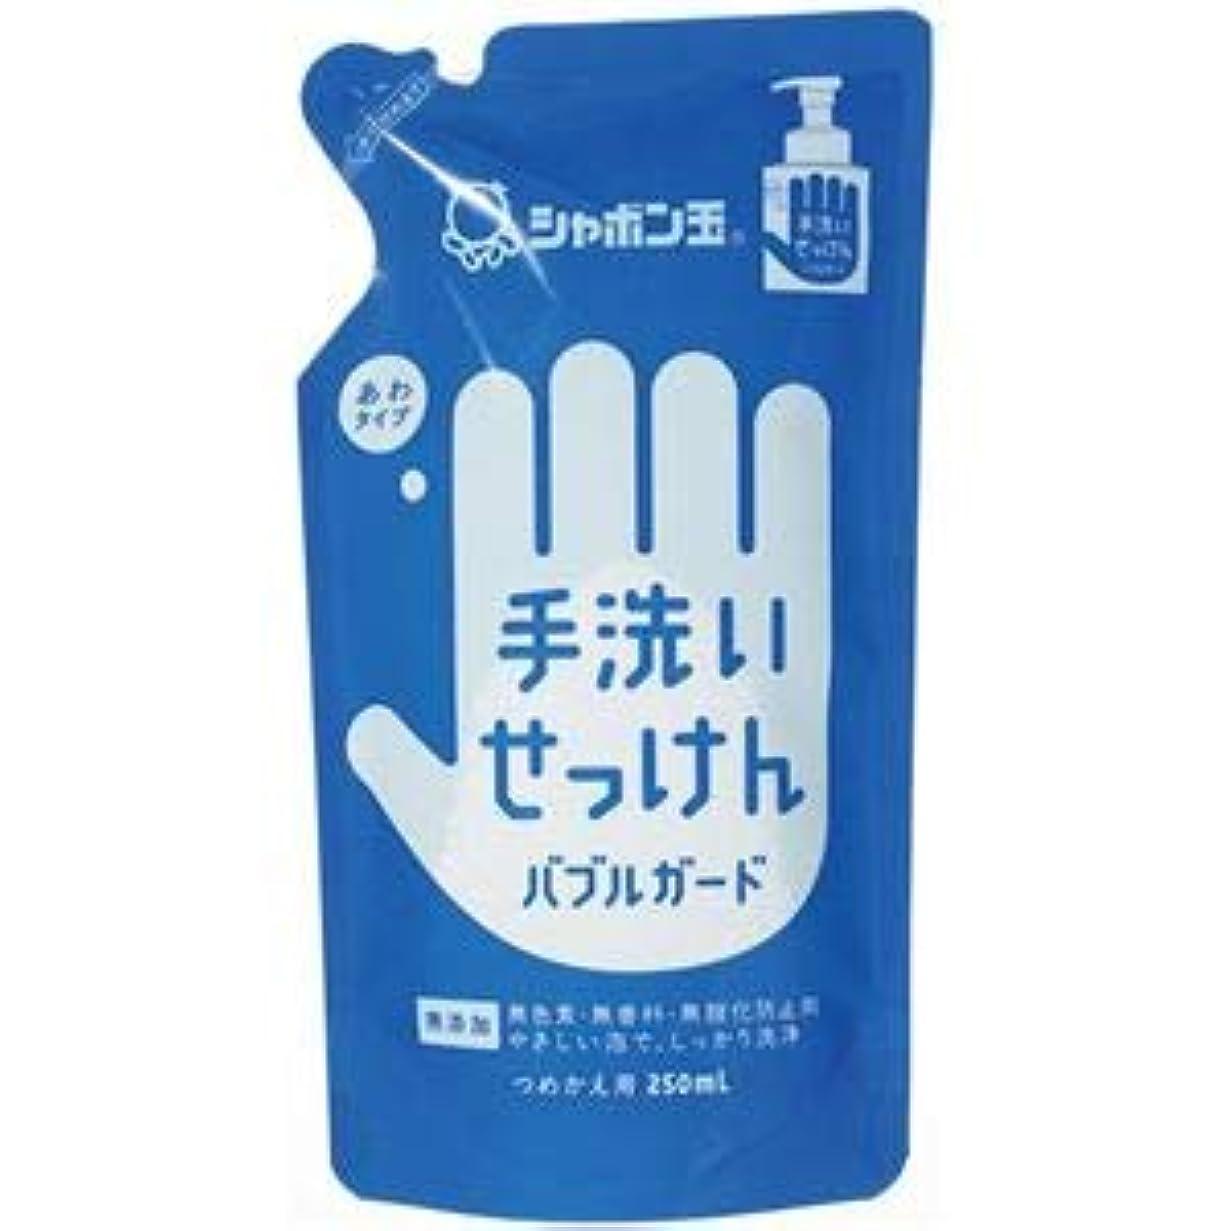 ルビー苦しめる意義(まとめ) シャボン玉石けん 手洗いせっけんバブルガード詰替用250ml【×10セット】